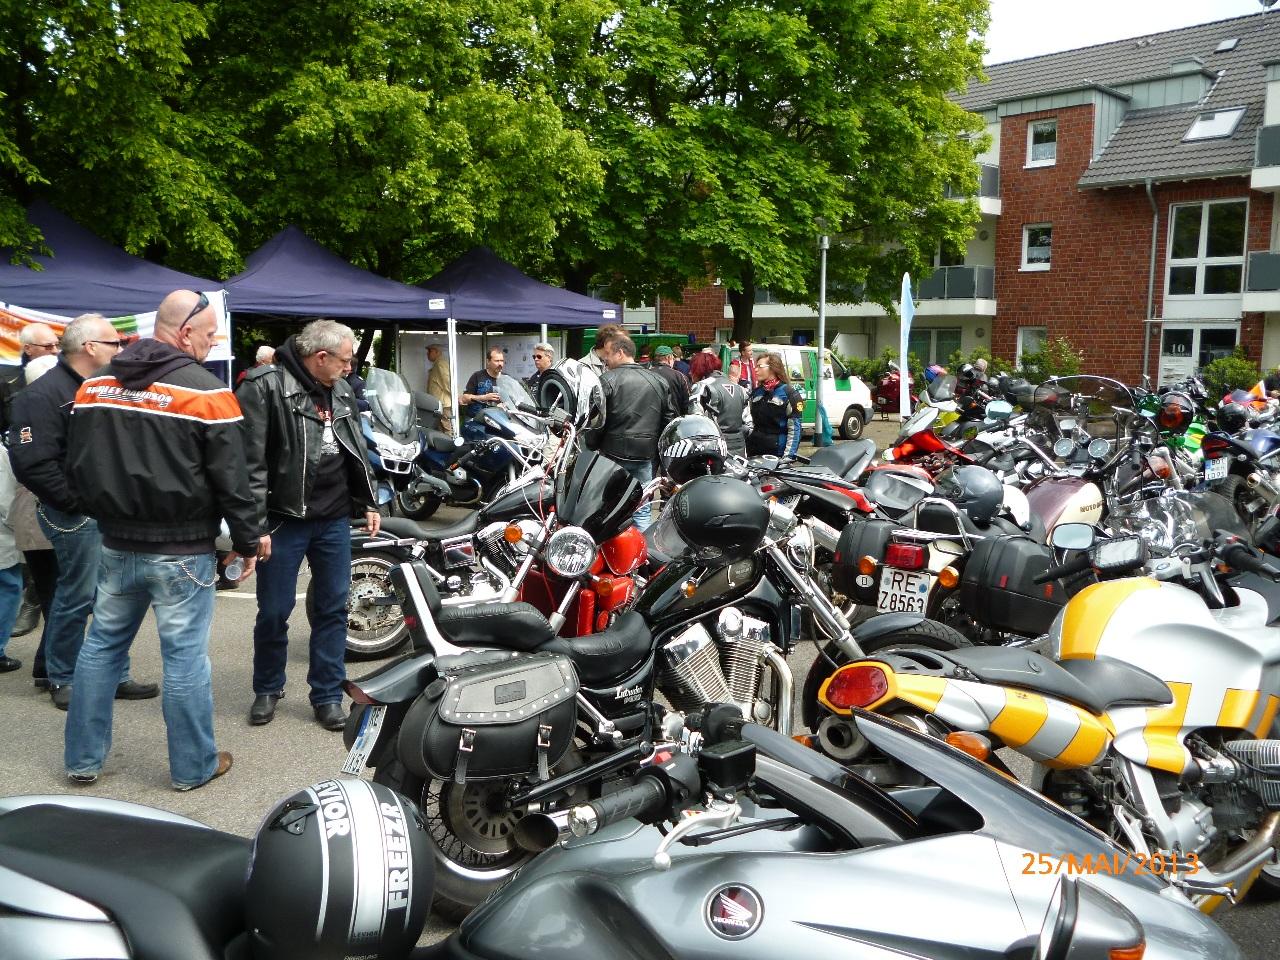 32-motorradfahrer-gottesdienst_2013_68